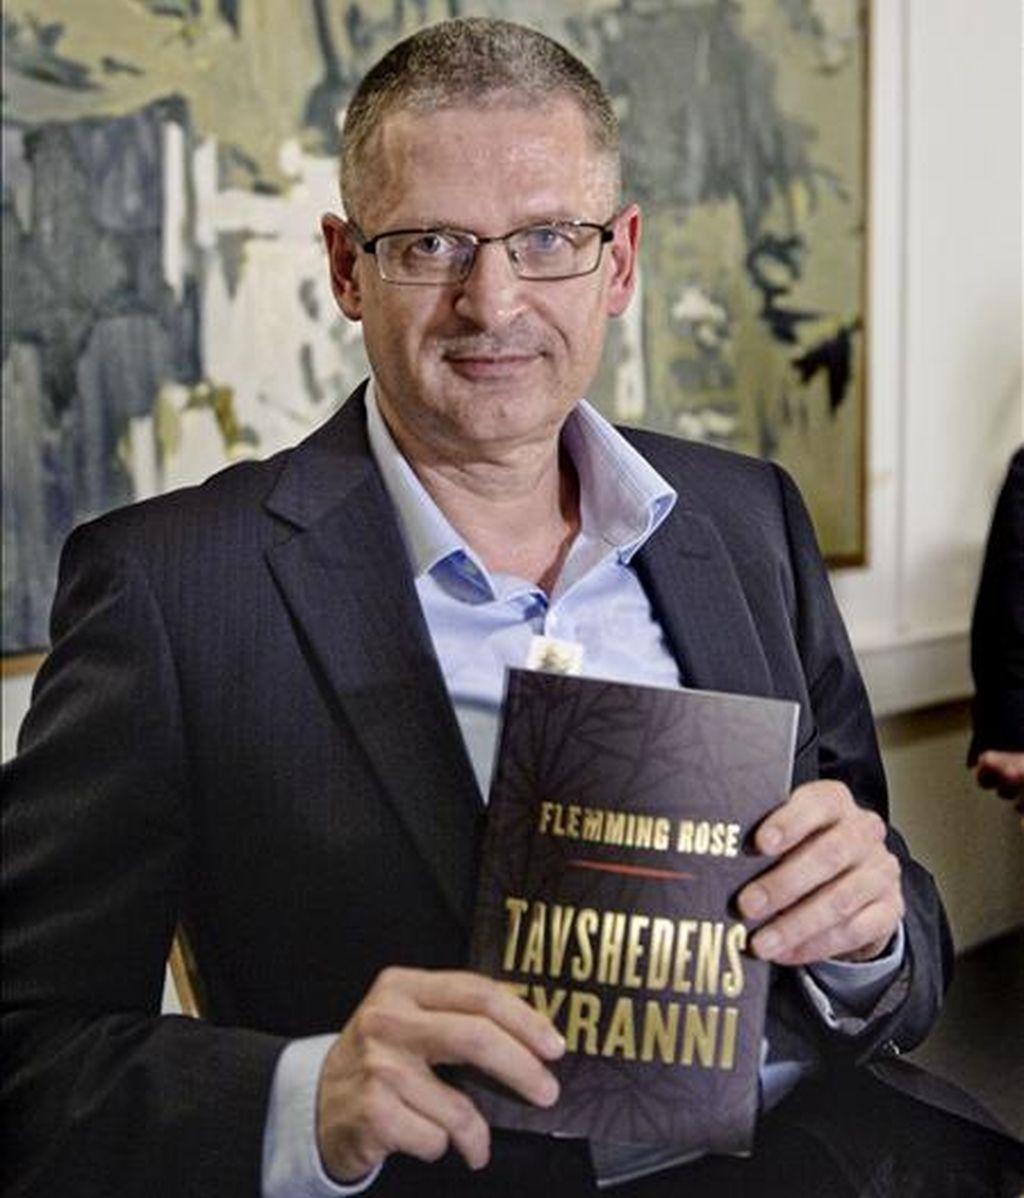 """Flemming Rose, redactor jefe de Cultura del periódico danés """"Jyllands-Posten"""" posa con su nuevo libro, """"Tavshedens tyranni"""" (La tiranía del silencio), durante una rueda de prensa en Politiken Hus, Copenhague (Dinamarca). EFE/Archivo"""